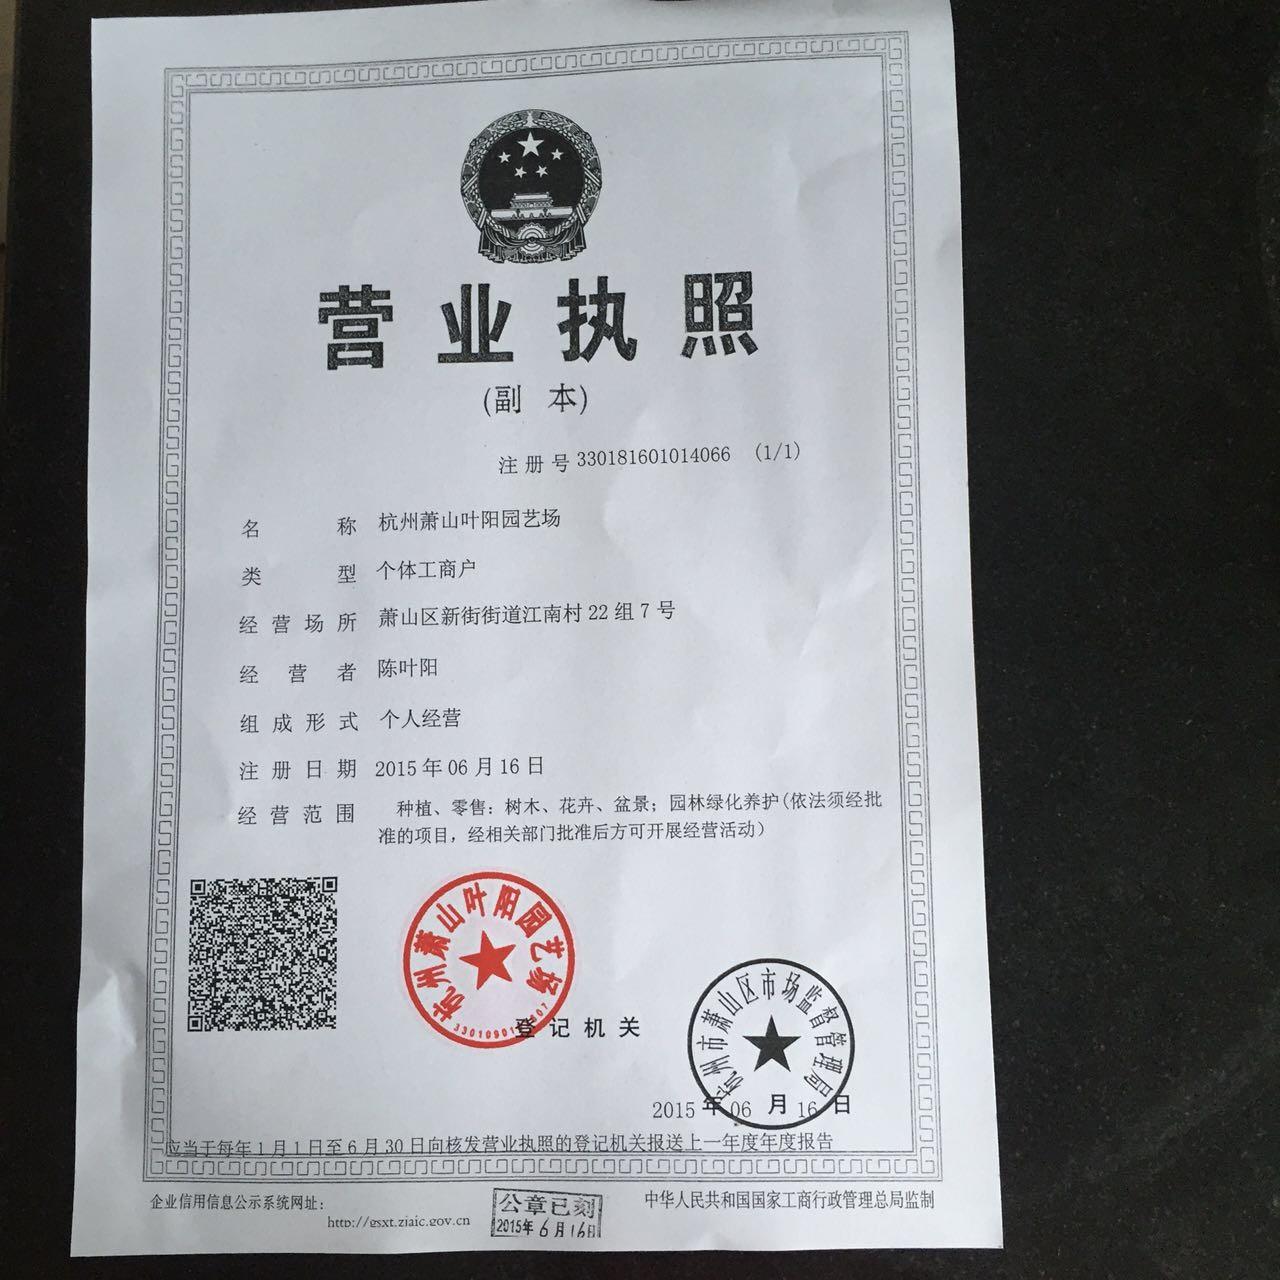 杭州萧山叶阳园艺场